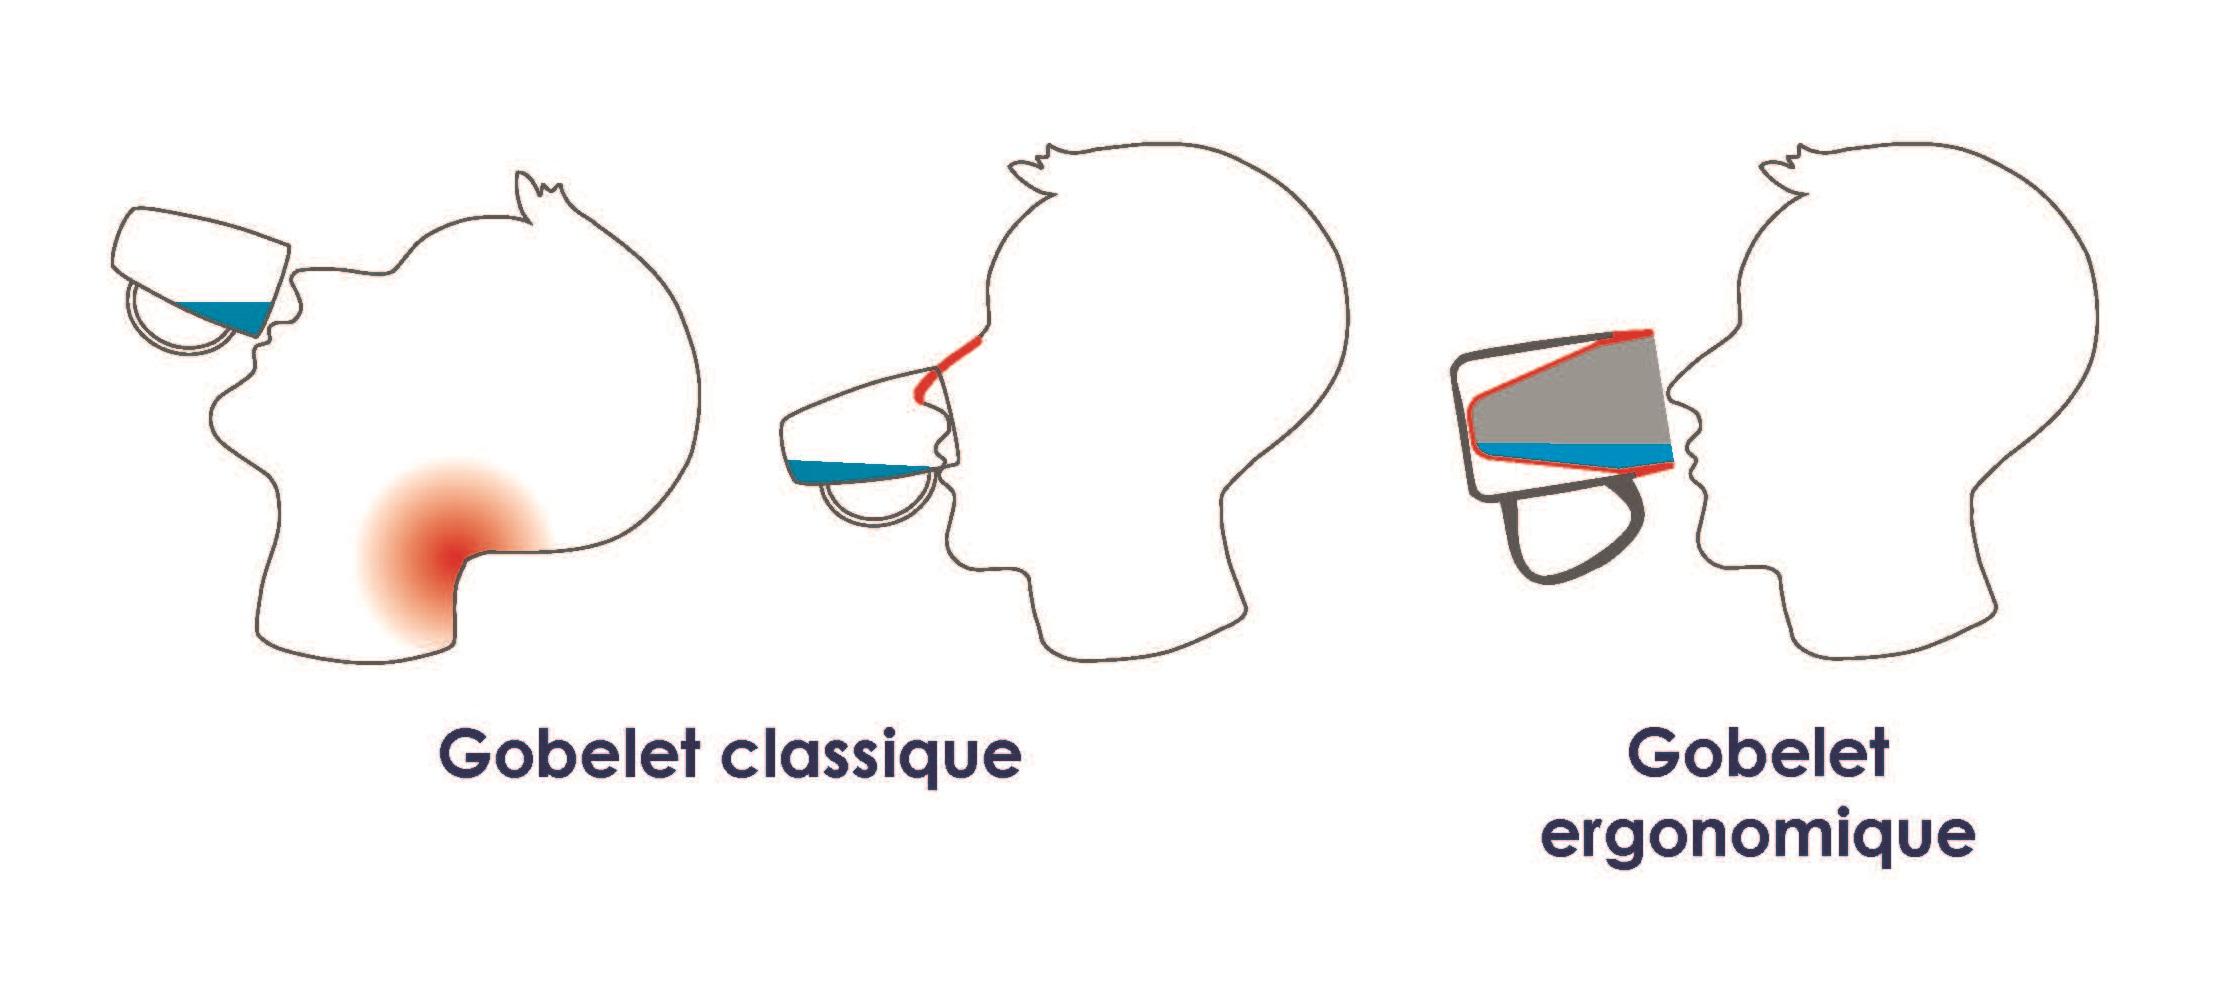 2-schema Gobelet conoqie.jpg